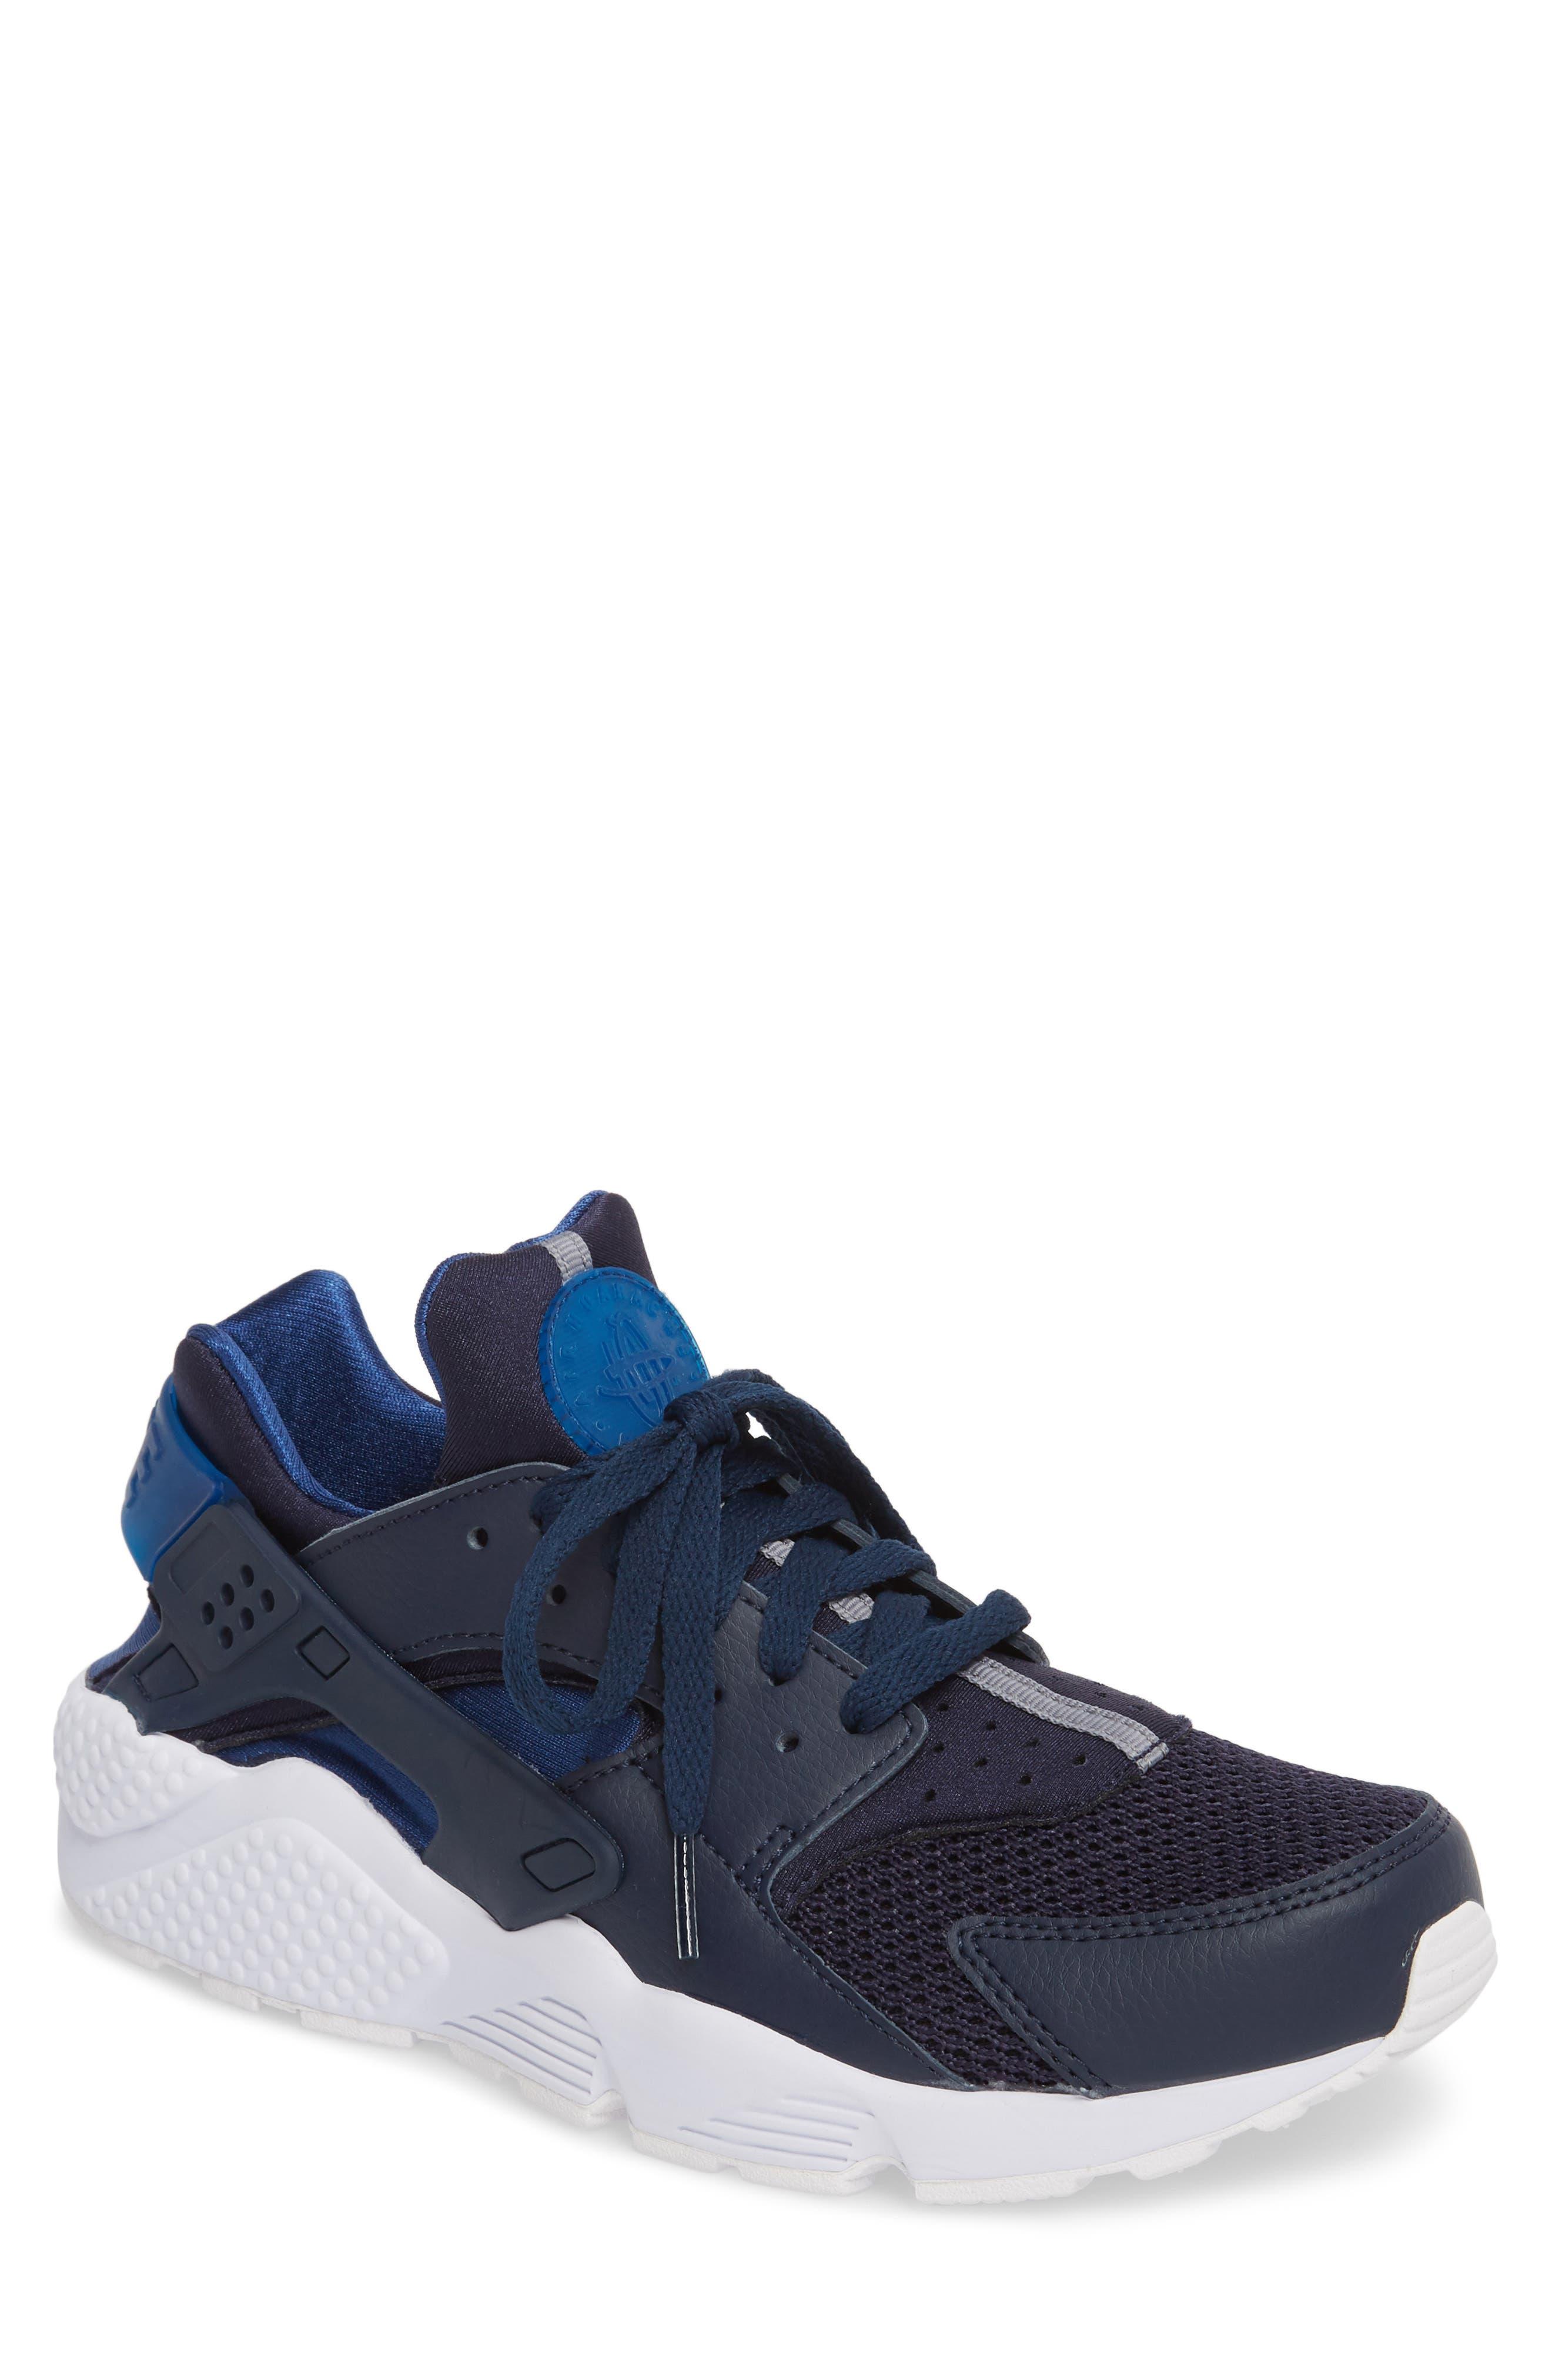 'Air Huarache' Sneaker,                             Main thumbnail 1, color,                             Obsidian/ Gym Blue